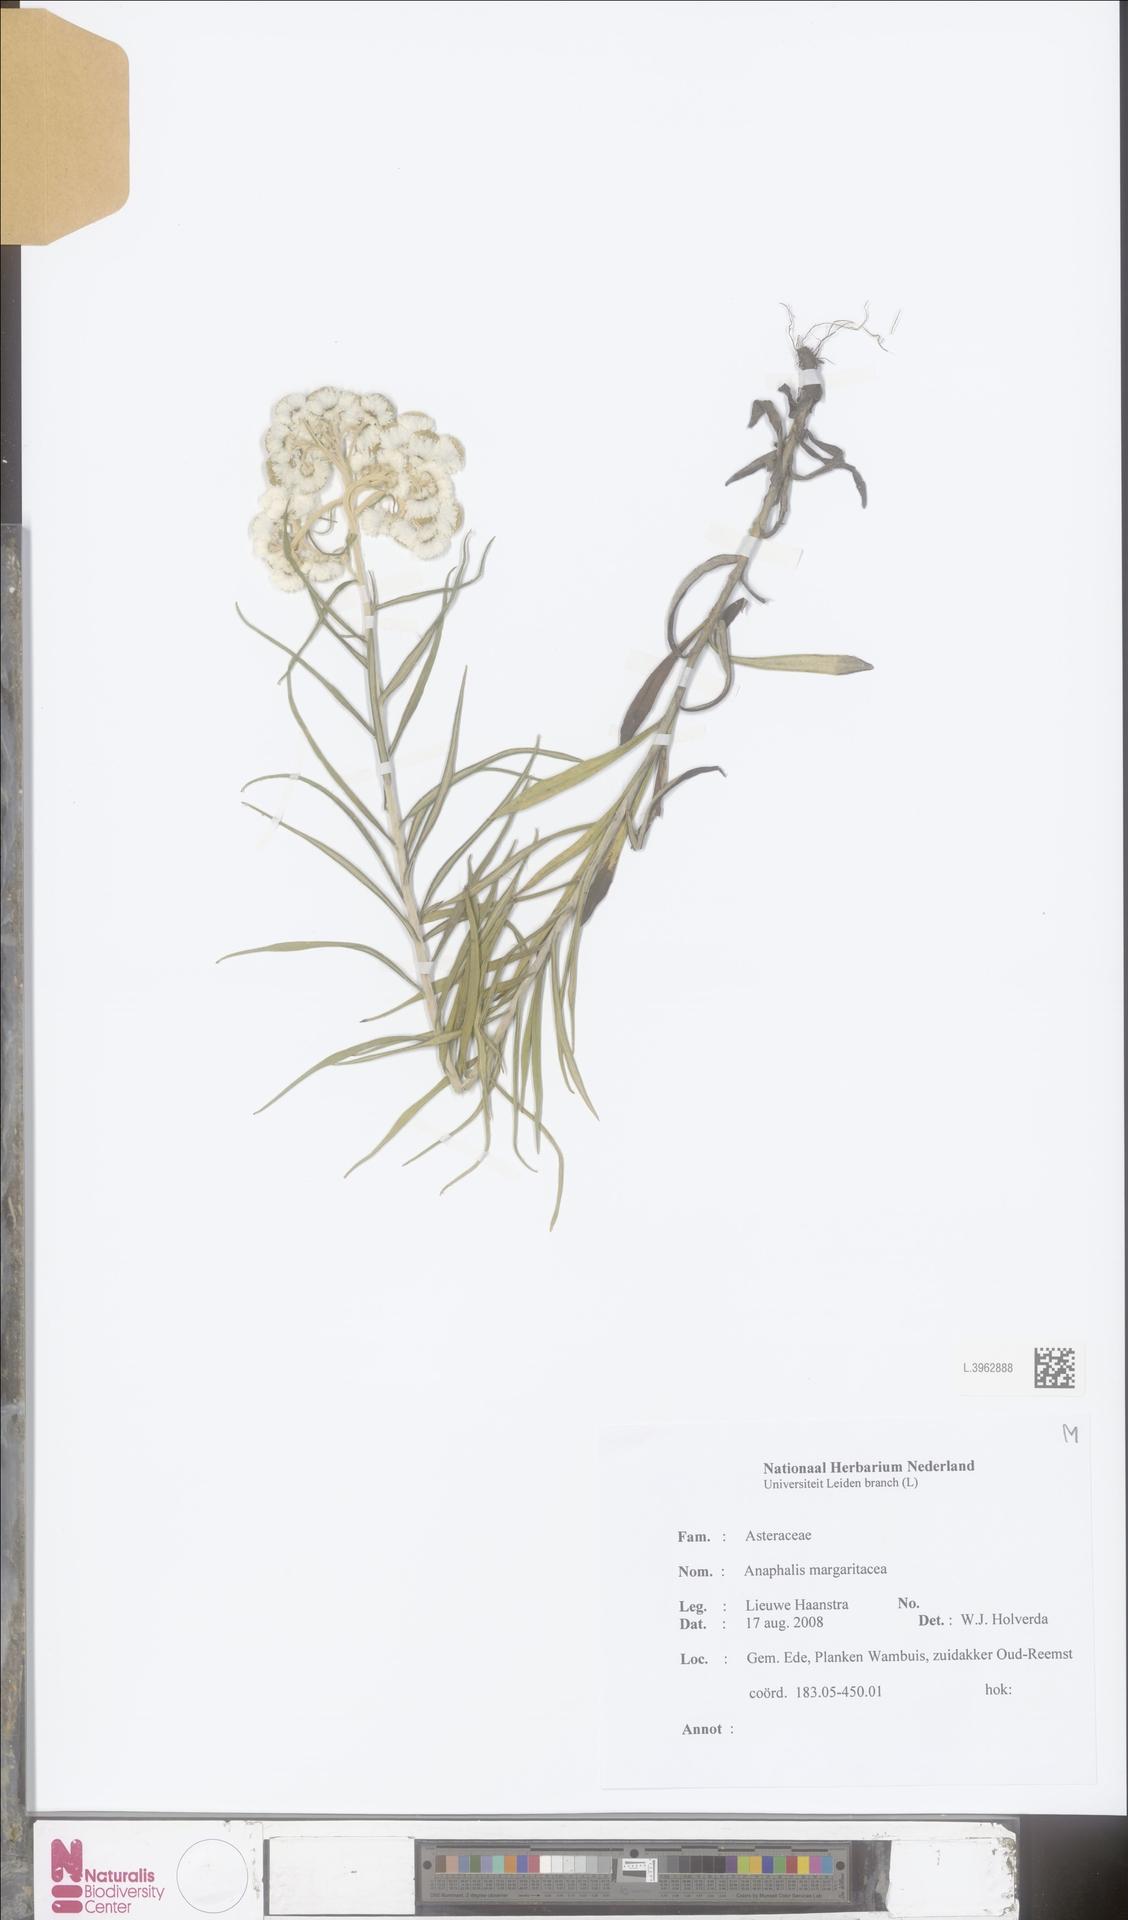 L.3962888   Anaphalis margaritacea (L.) Benth. & Hook.f.